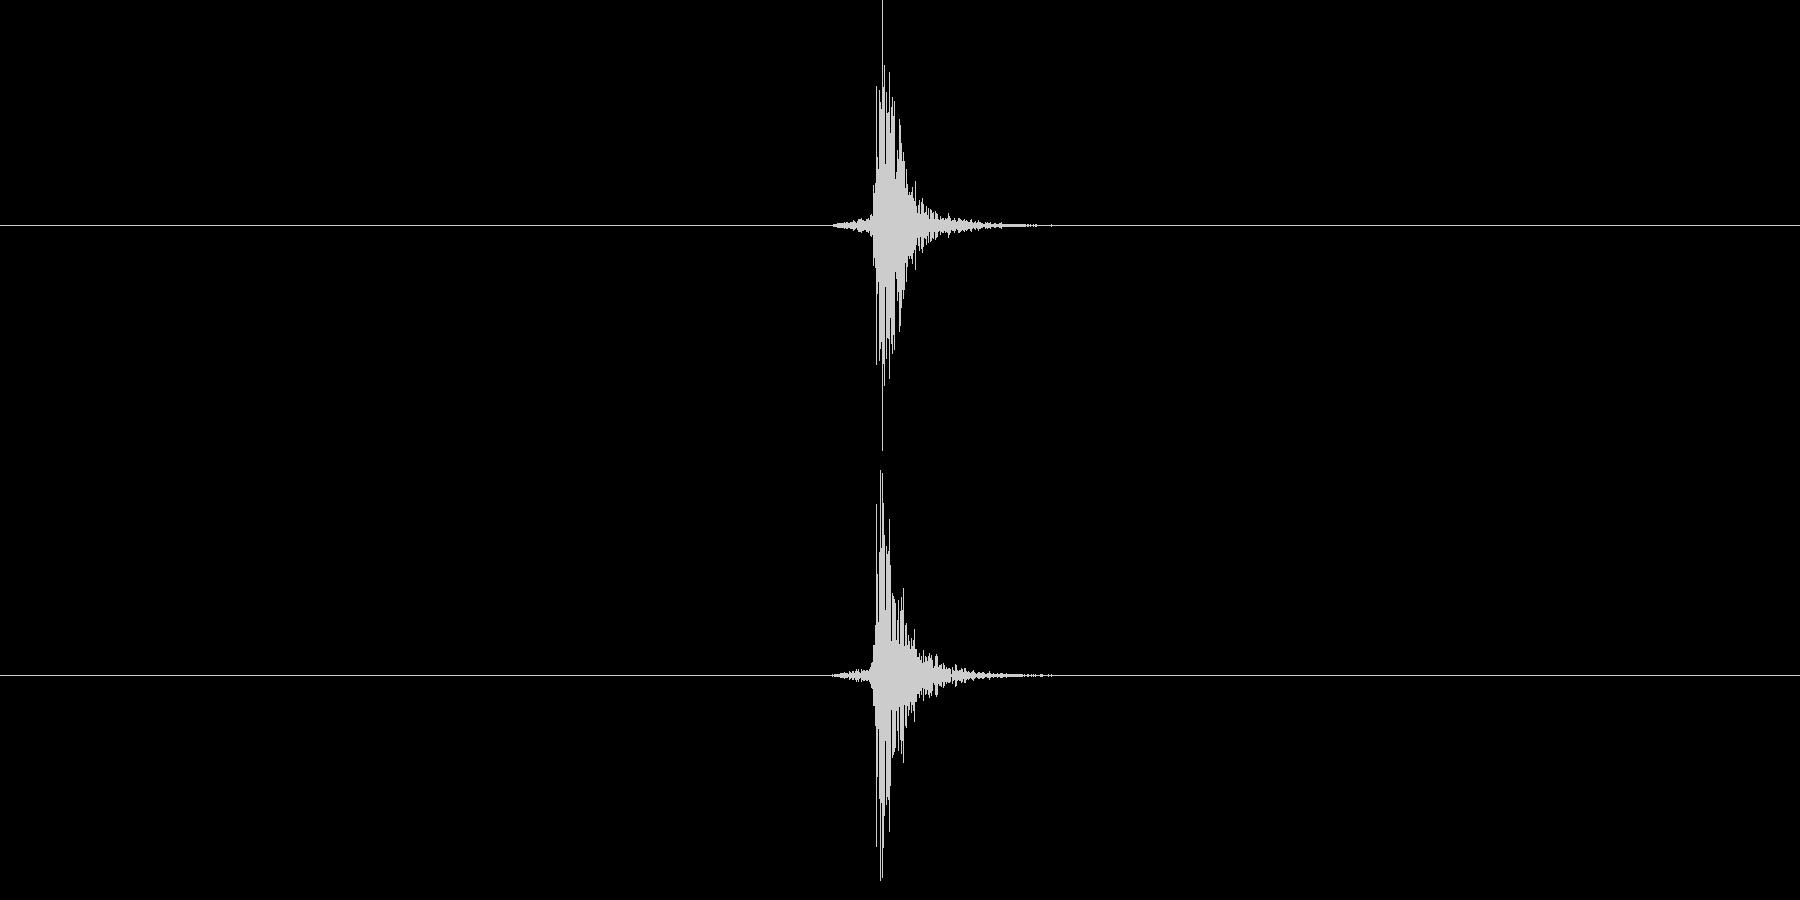 【生音】手・叩く - 1 「ぱんっ」の未再生の波形